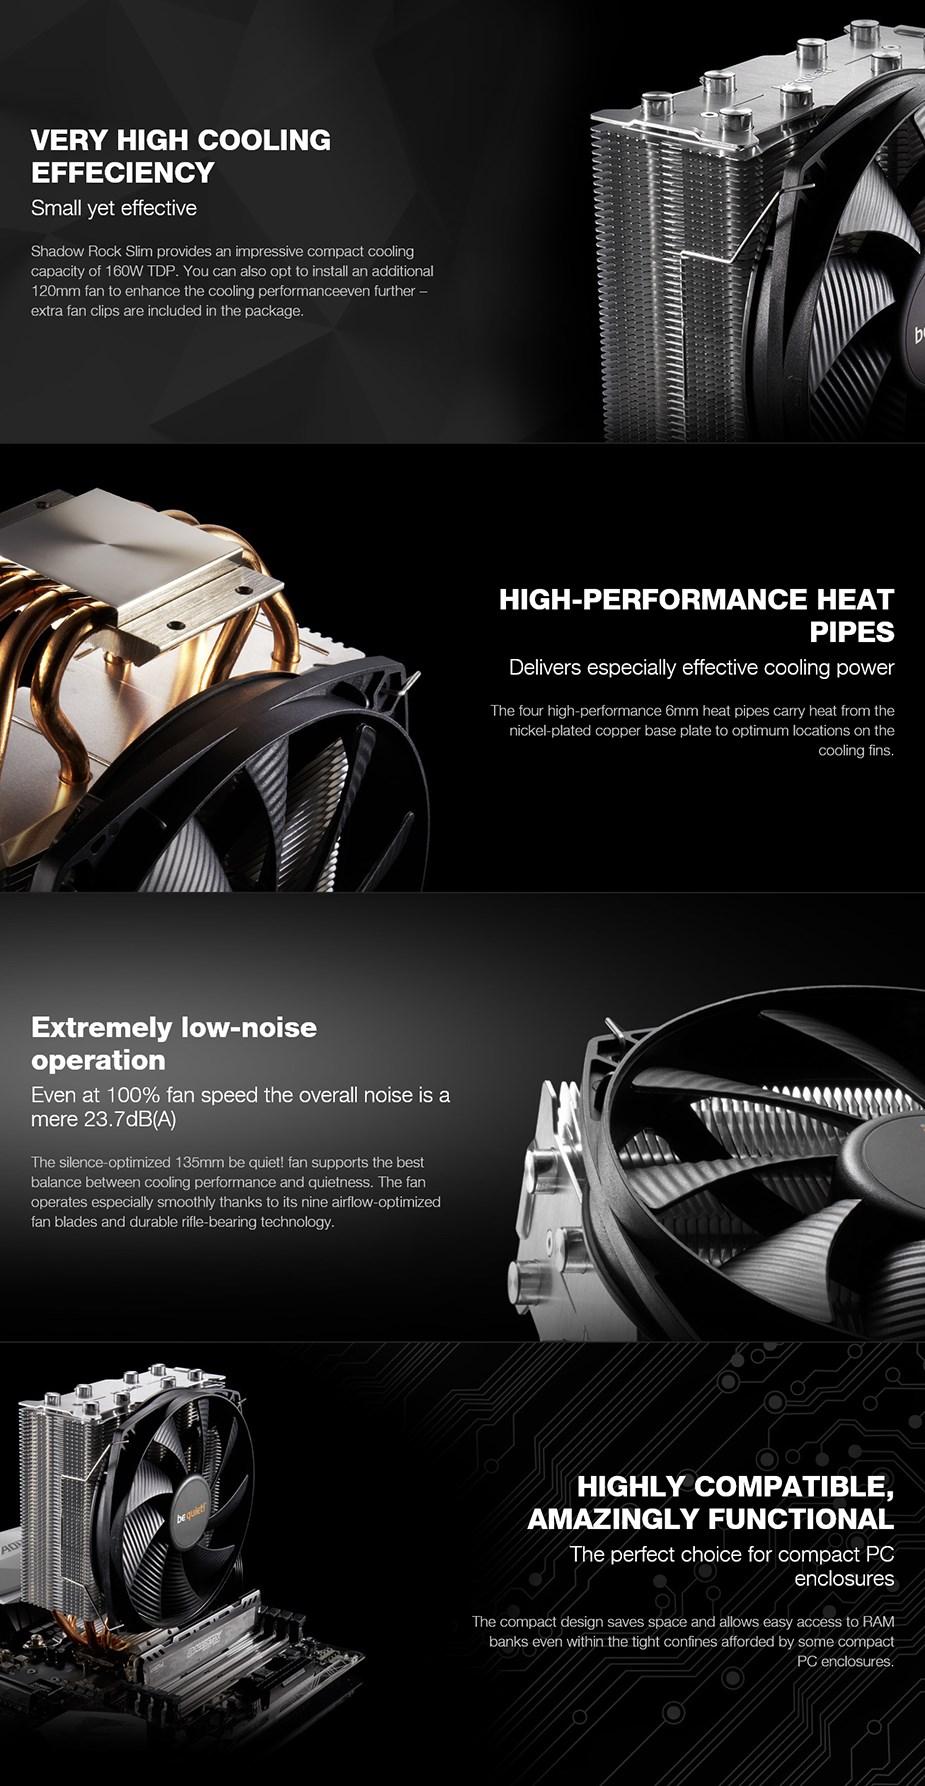 be quiet! Shadow Rock Slim CPU Air Cooler - Desktop Overview 1